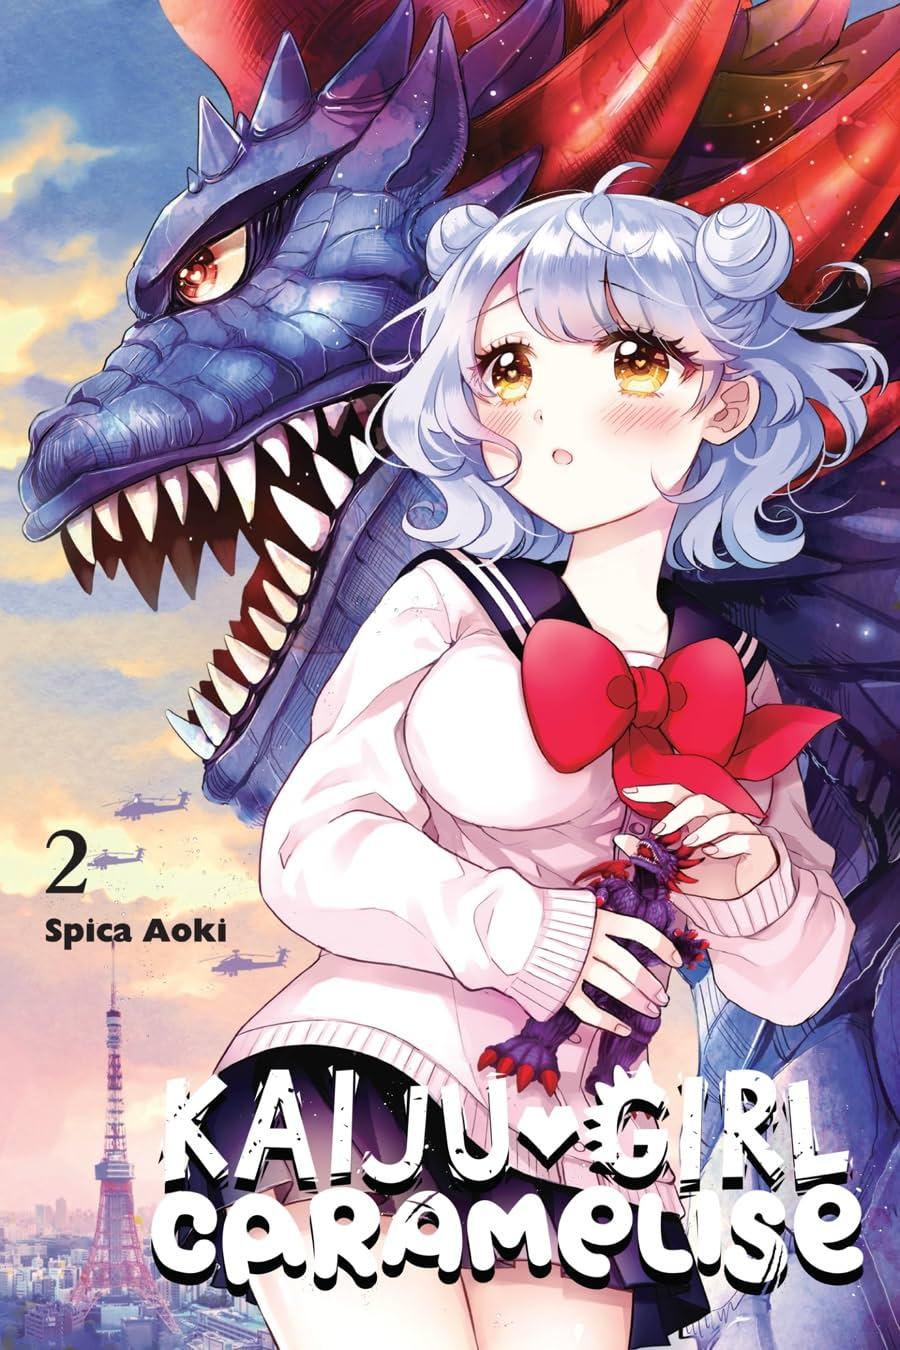 Kaiju Girl Caramelise Vol. 2